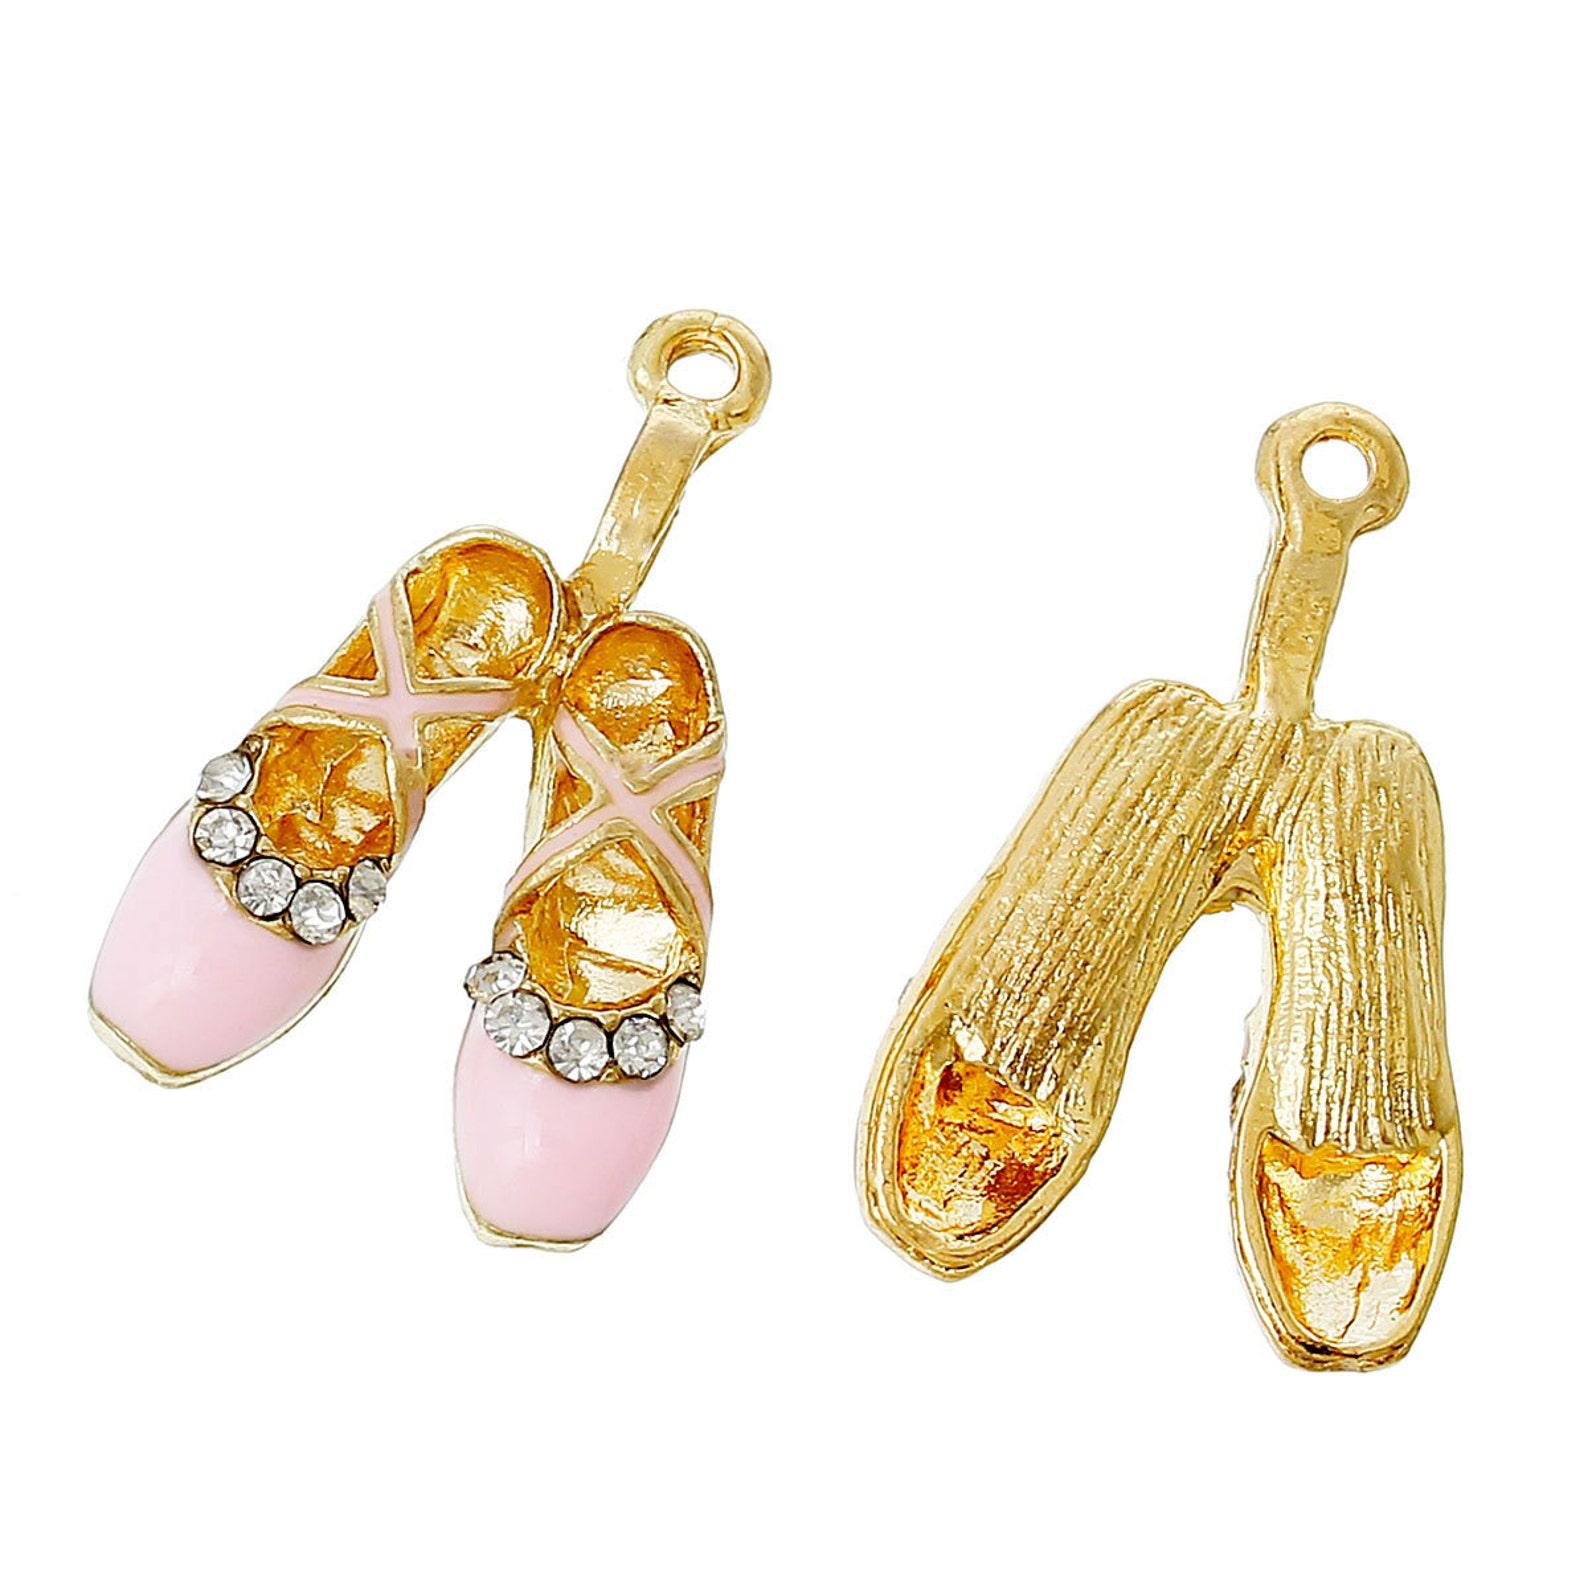 1 ballet shoe charm, pointe shoe pendant, pink enamel ballet shoe, usa charms